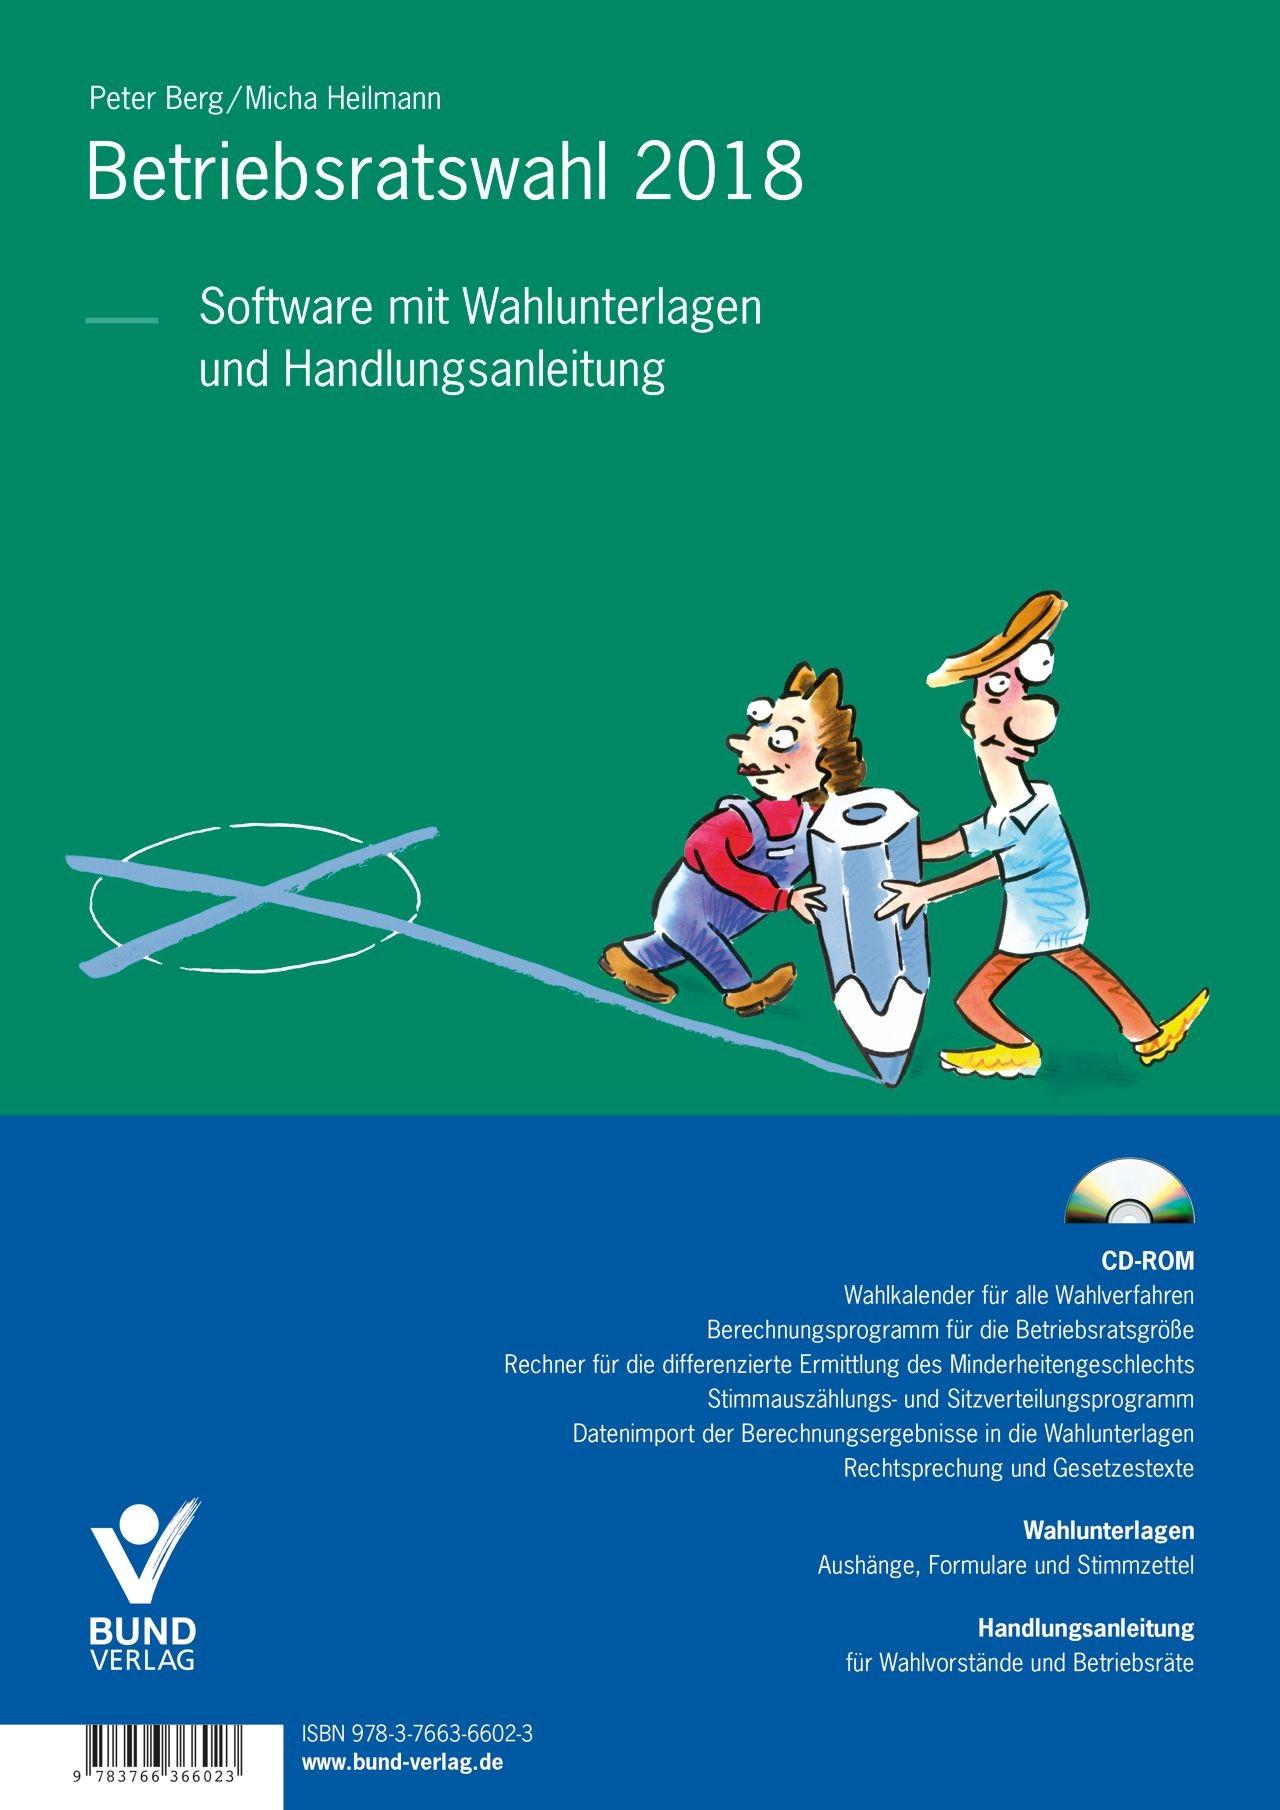 Betriebsratswahl 2018 | Berg / Heilmann | 8. Auflage, 2017 (Cover)